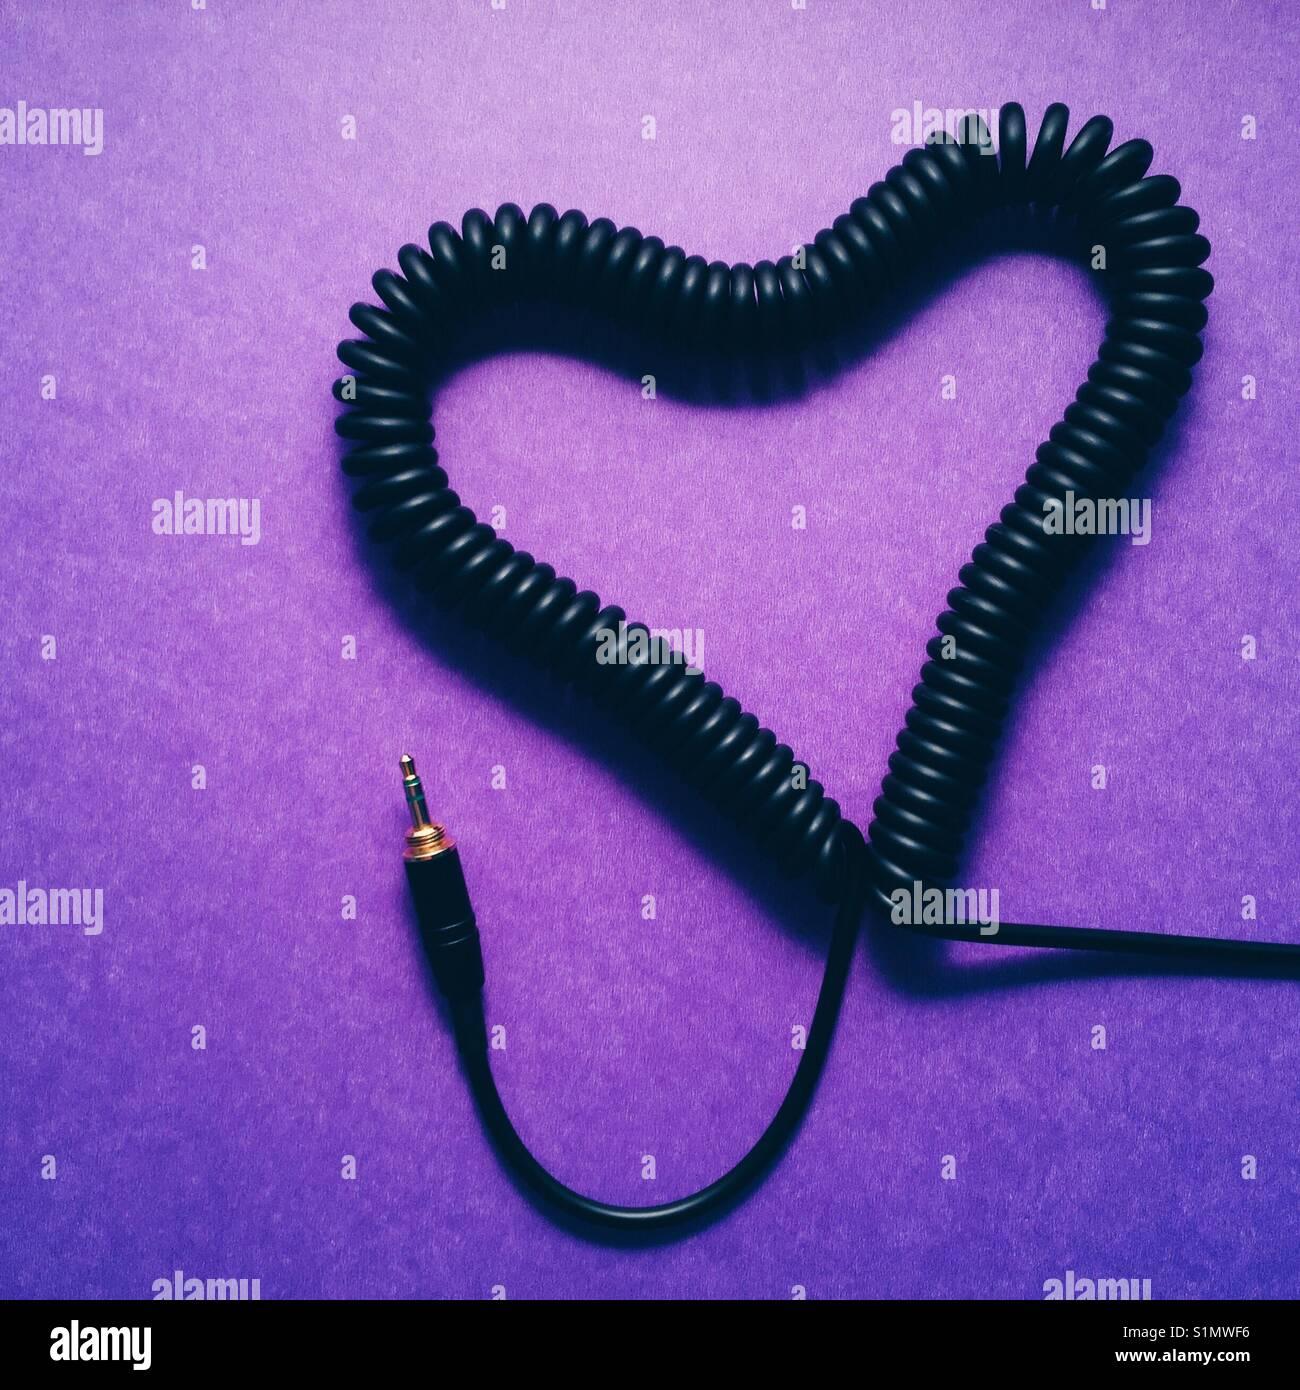 Équipé d'un câble du casque en fait à une forme de coeur sur fond violet Photo Stock